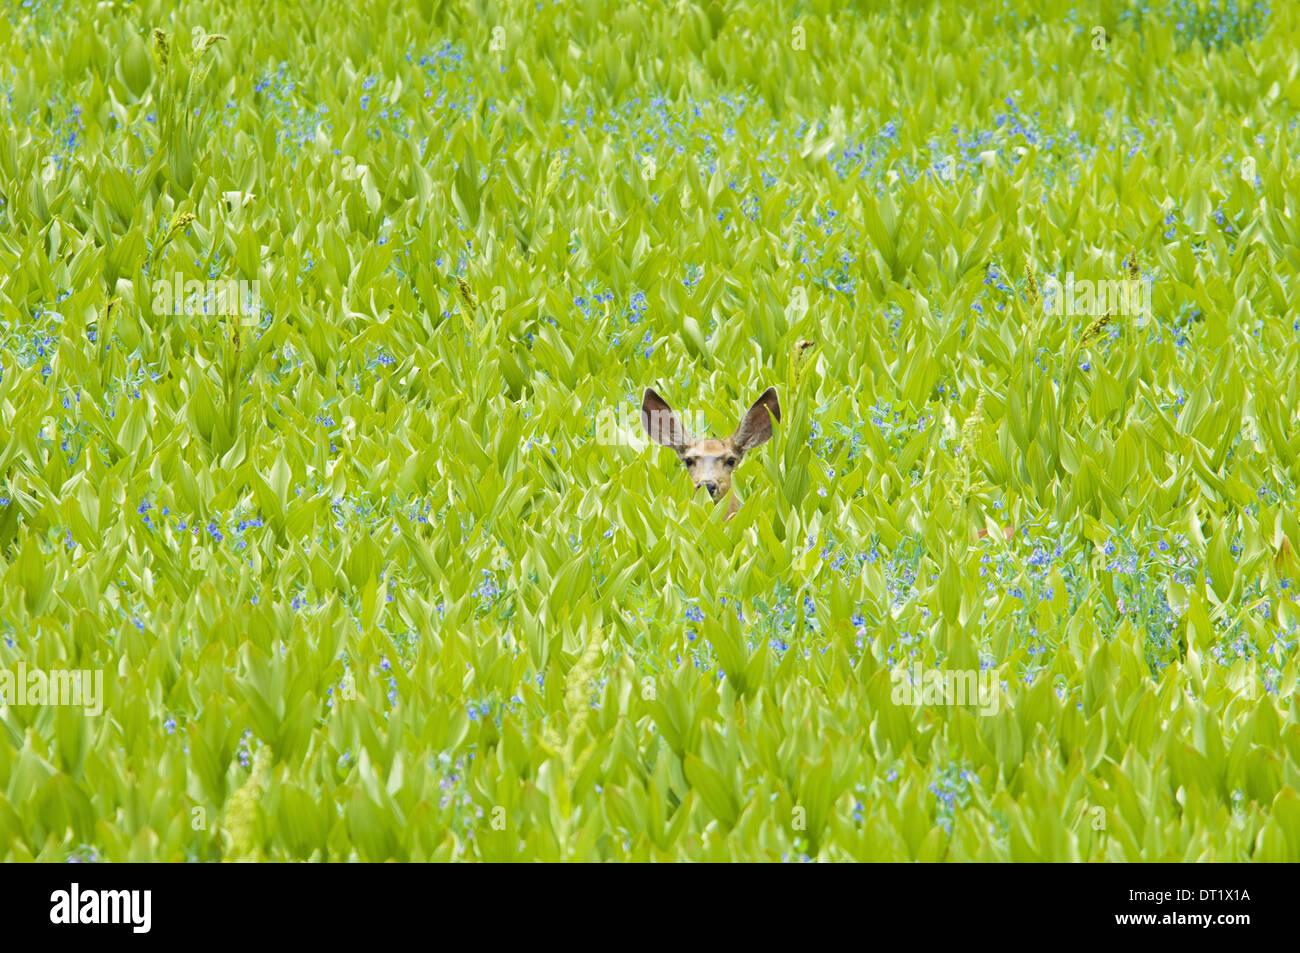 Un mulo cervo nascosto in un campo di fiori selvatici e piante veratro nero orecchie visibili Immagini Stock